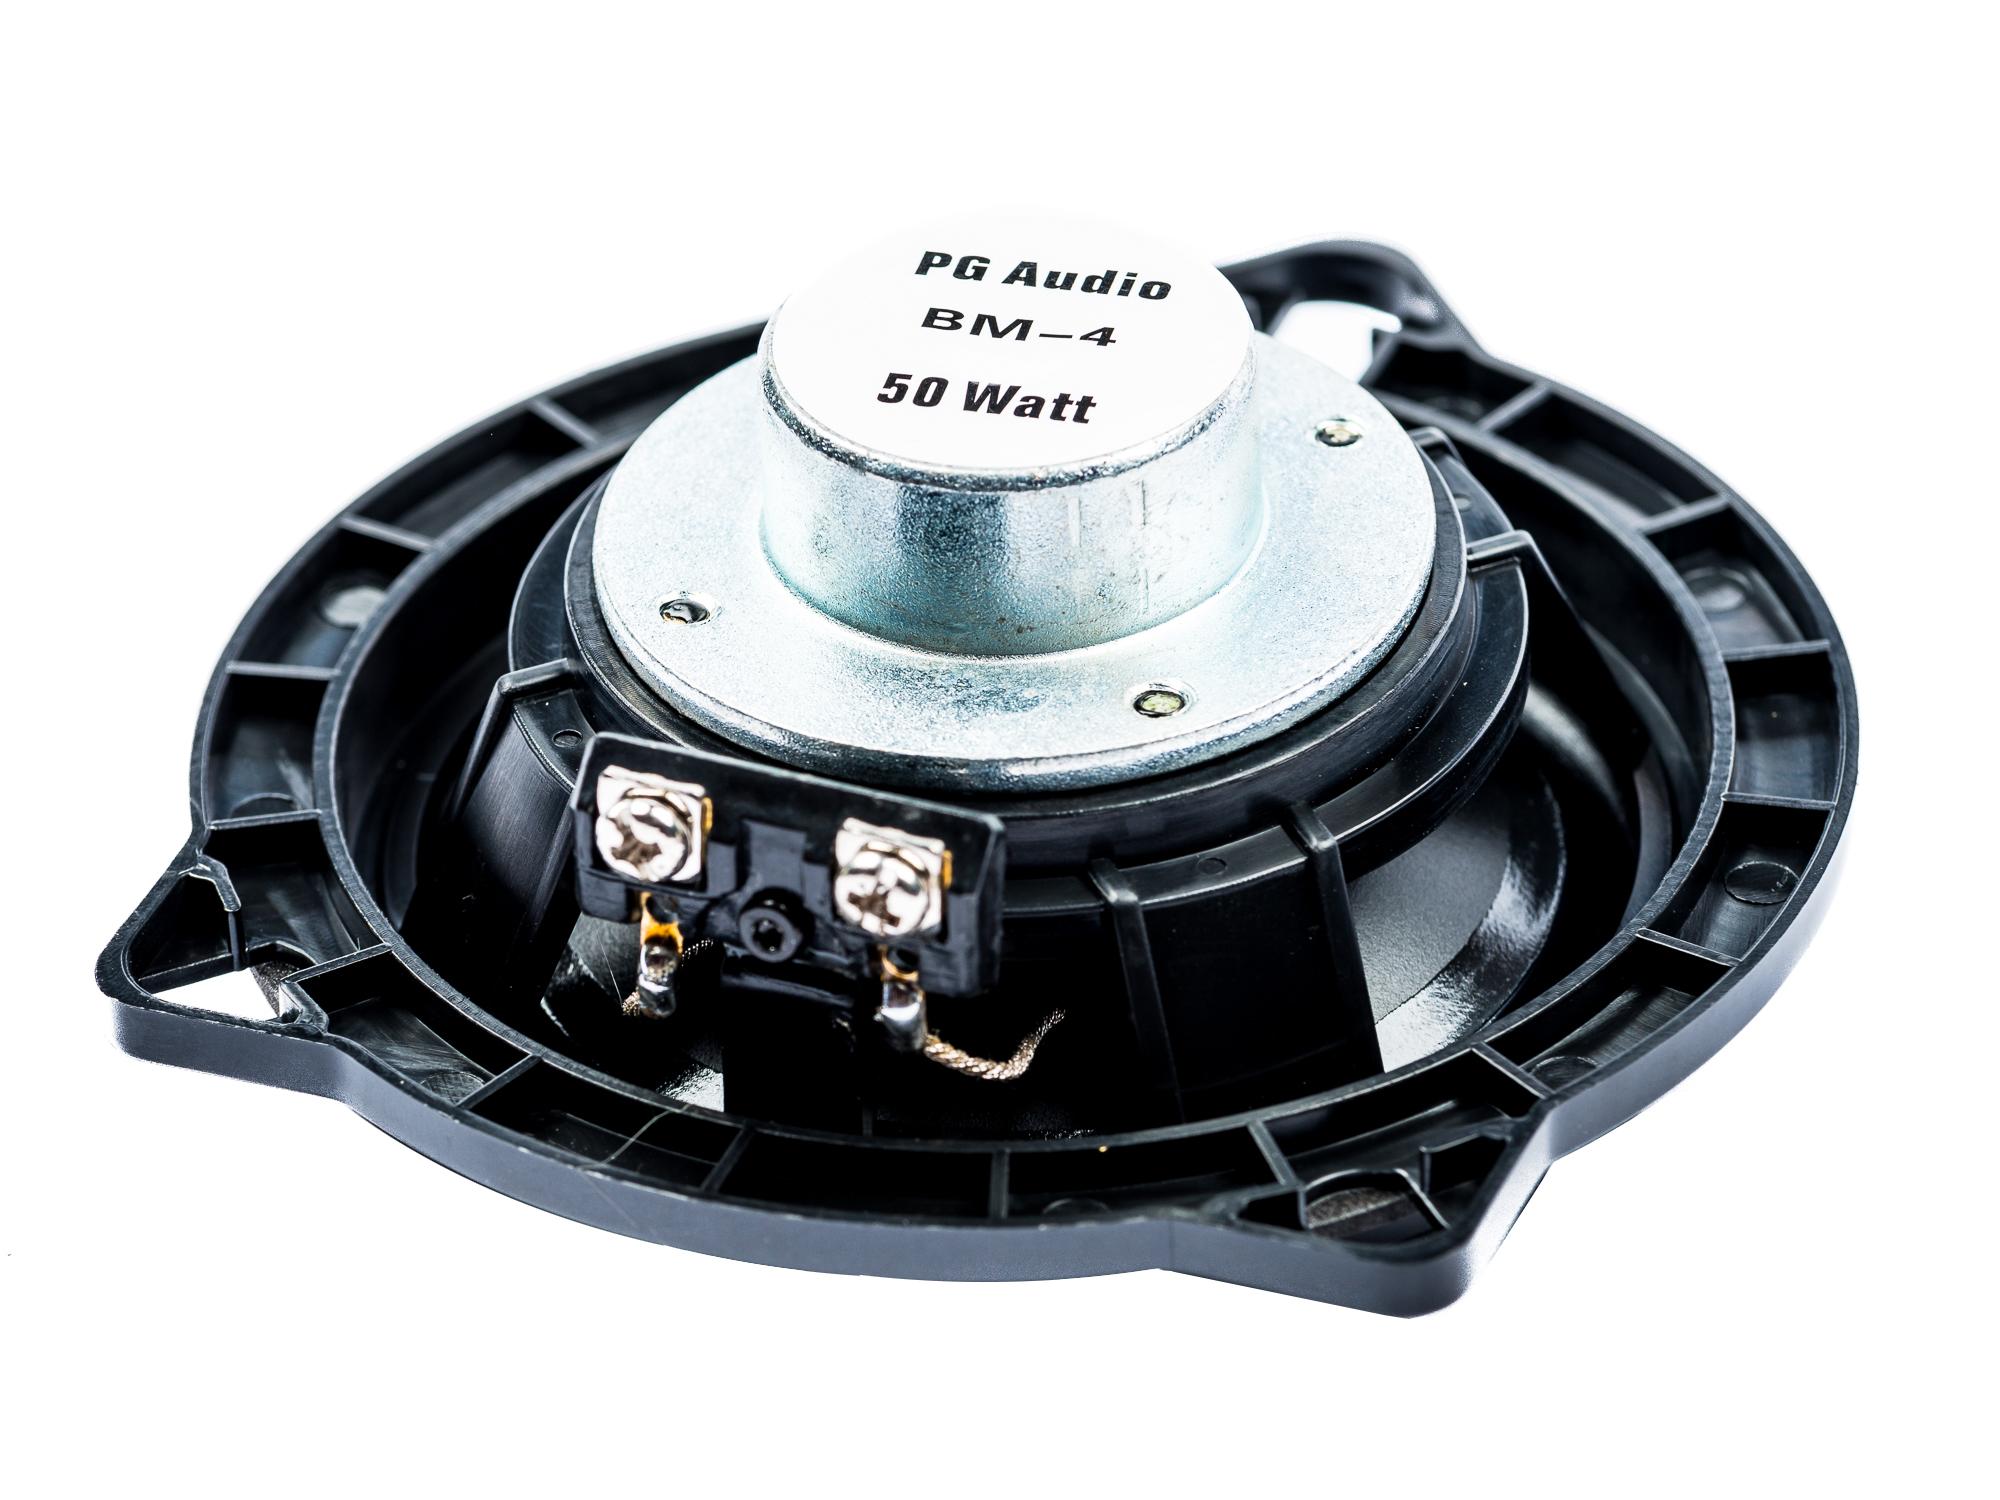 PG Audio BM-4, 10 cm Koaxial passend für BMW Lautsprecher für 1er (E81, E82, E87, E88), 3er (E90, E91, E92) 5er (E60, E61), X1 (E84) 1 Paar – Bild 3